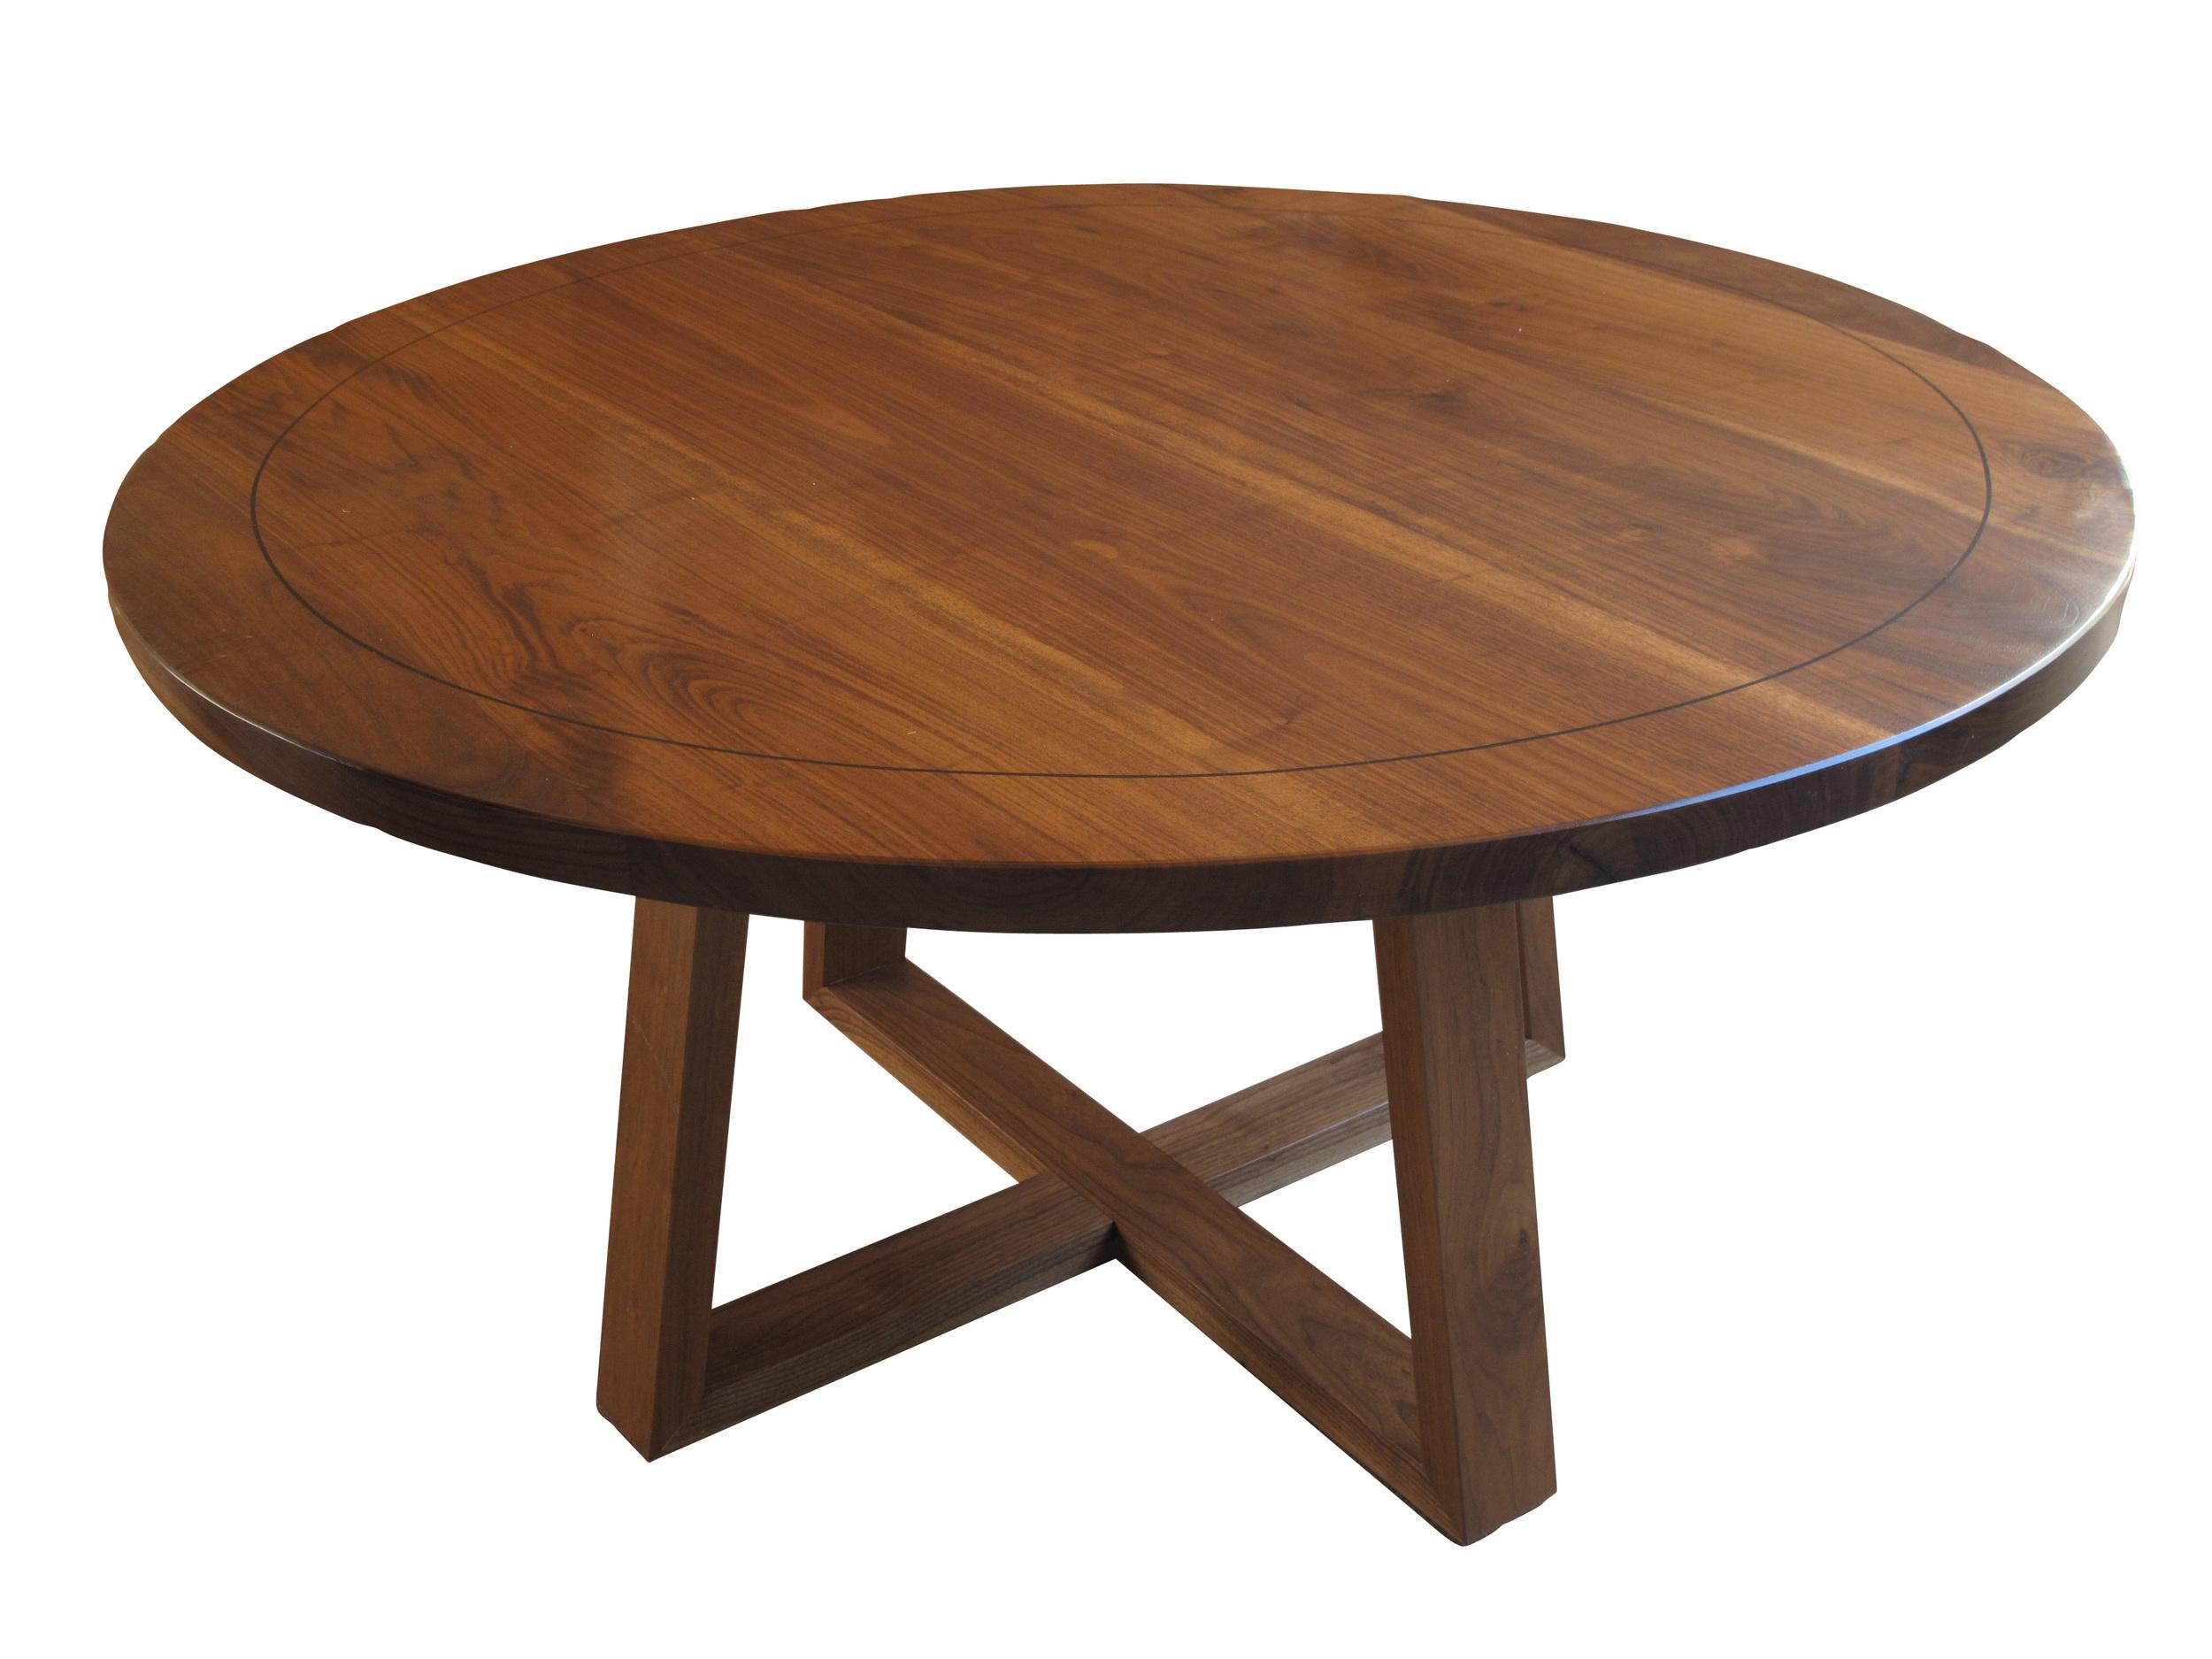 MONTAGUE Table